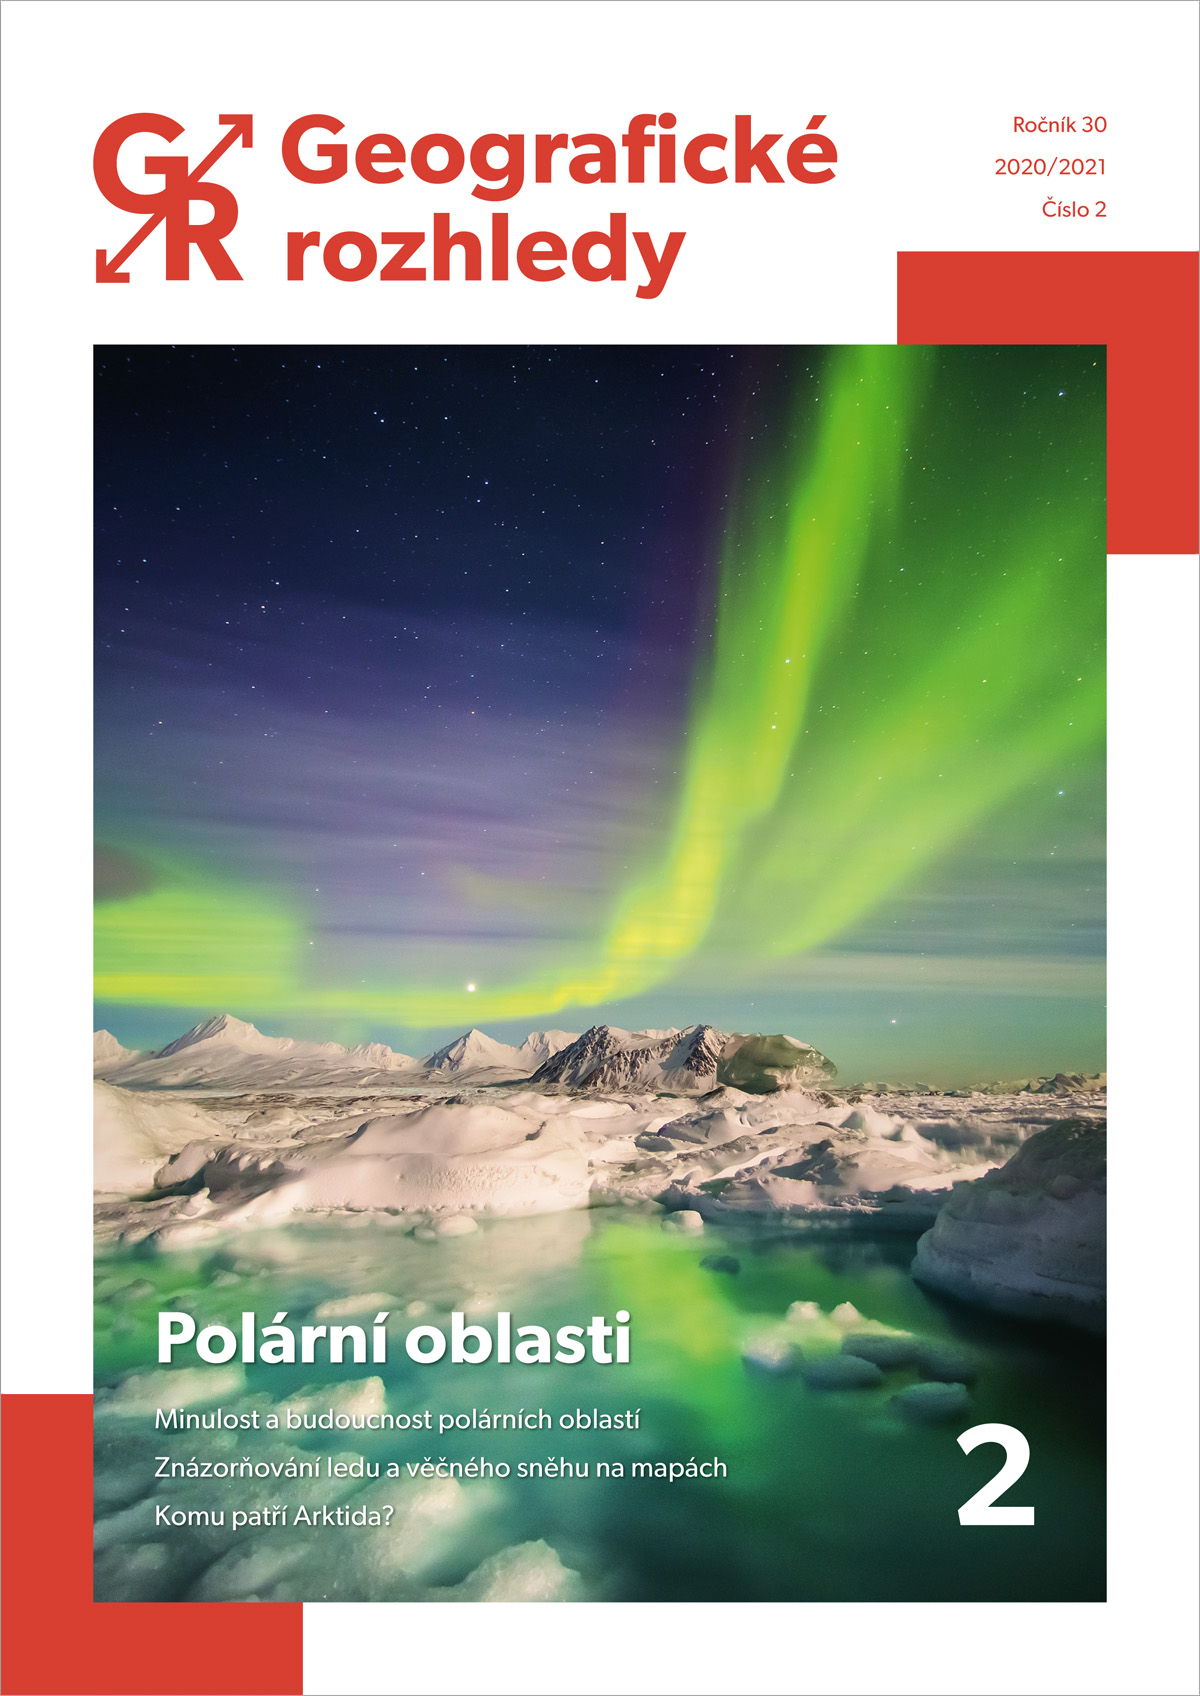 Právě vyšlo druhé číslo 30. ročníku Geografických rozhledů